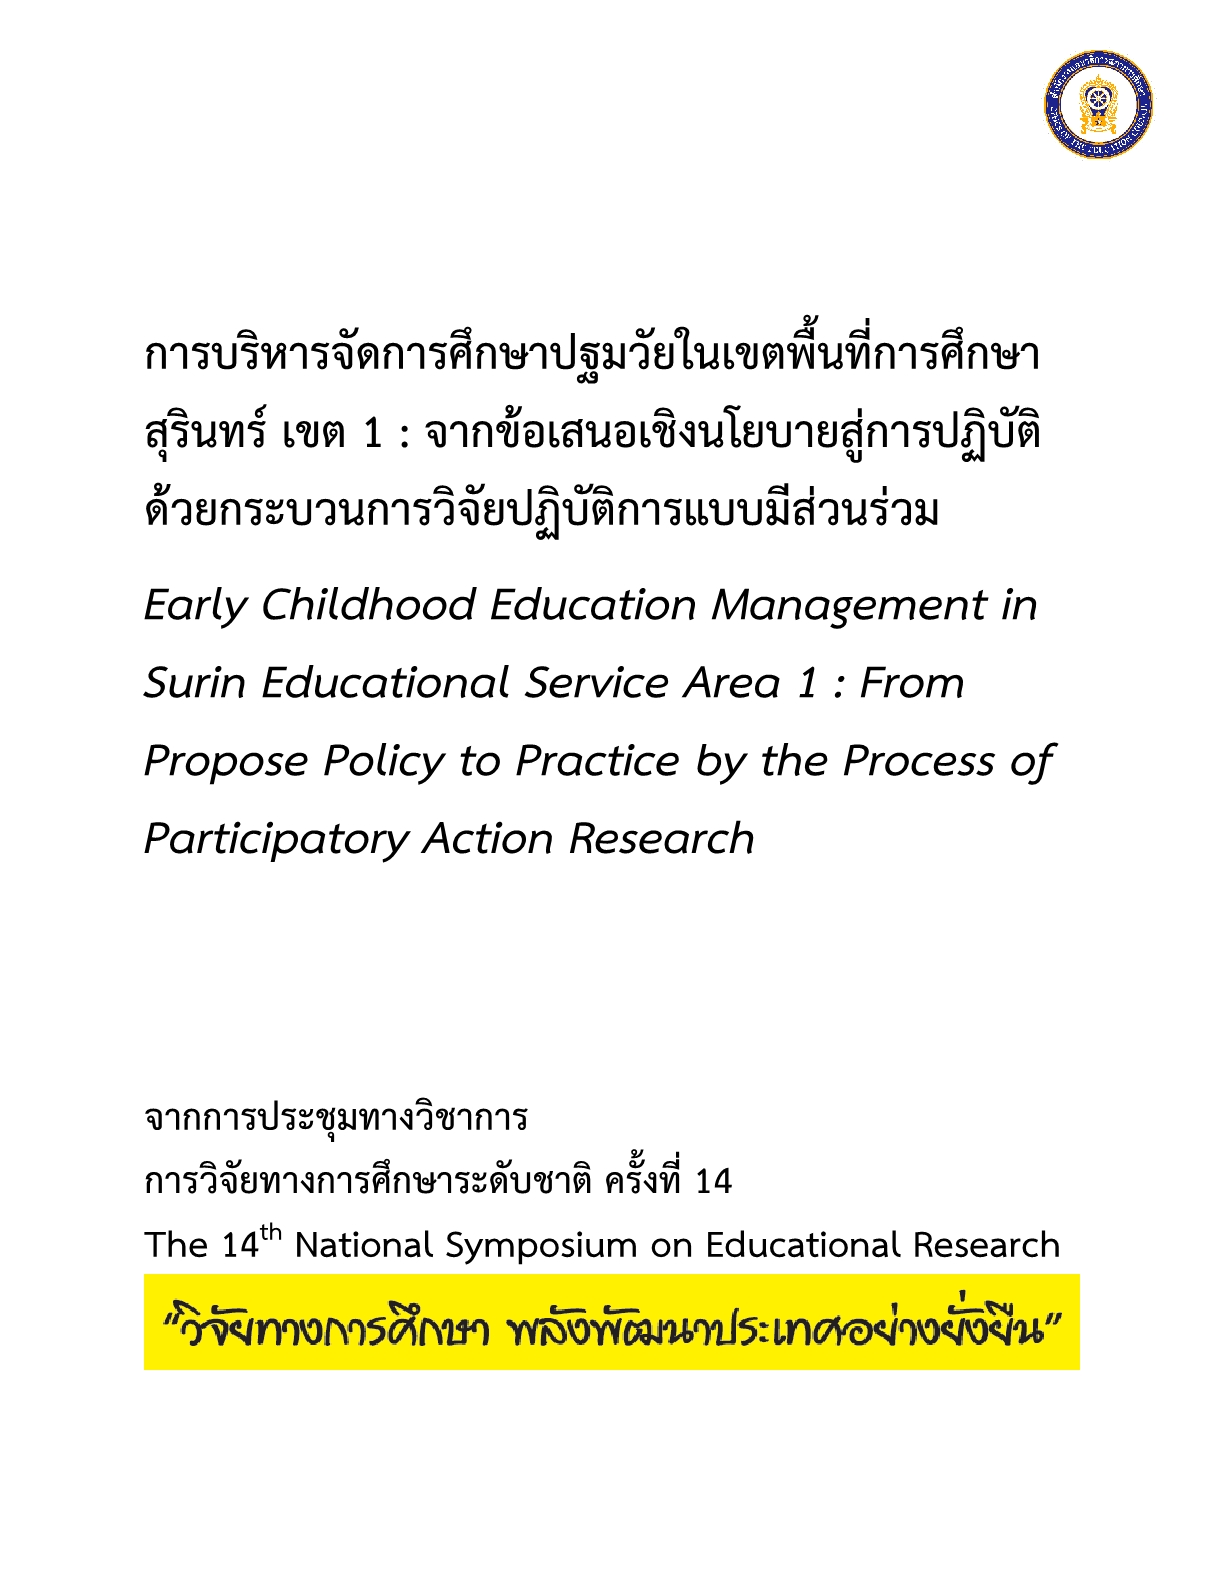 การบริหารจัดการศึกษาปฐมวัยในเขตพื้นที่การศึกษาสุรินทร์ เขต 1 : จากข้อเสนอเชิงนโยบายสู่การปฏิบัติด้วยกระบวนการวิจัยปฏิบัติการแบบมีส่วนร่วม